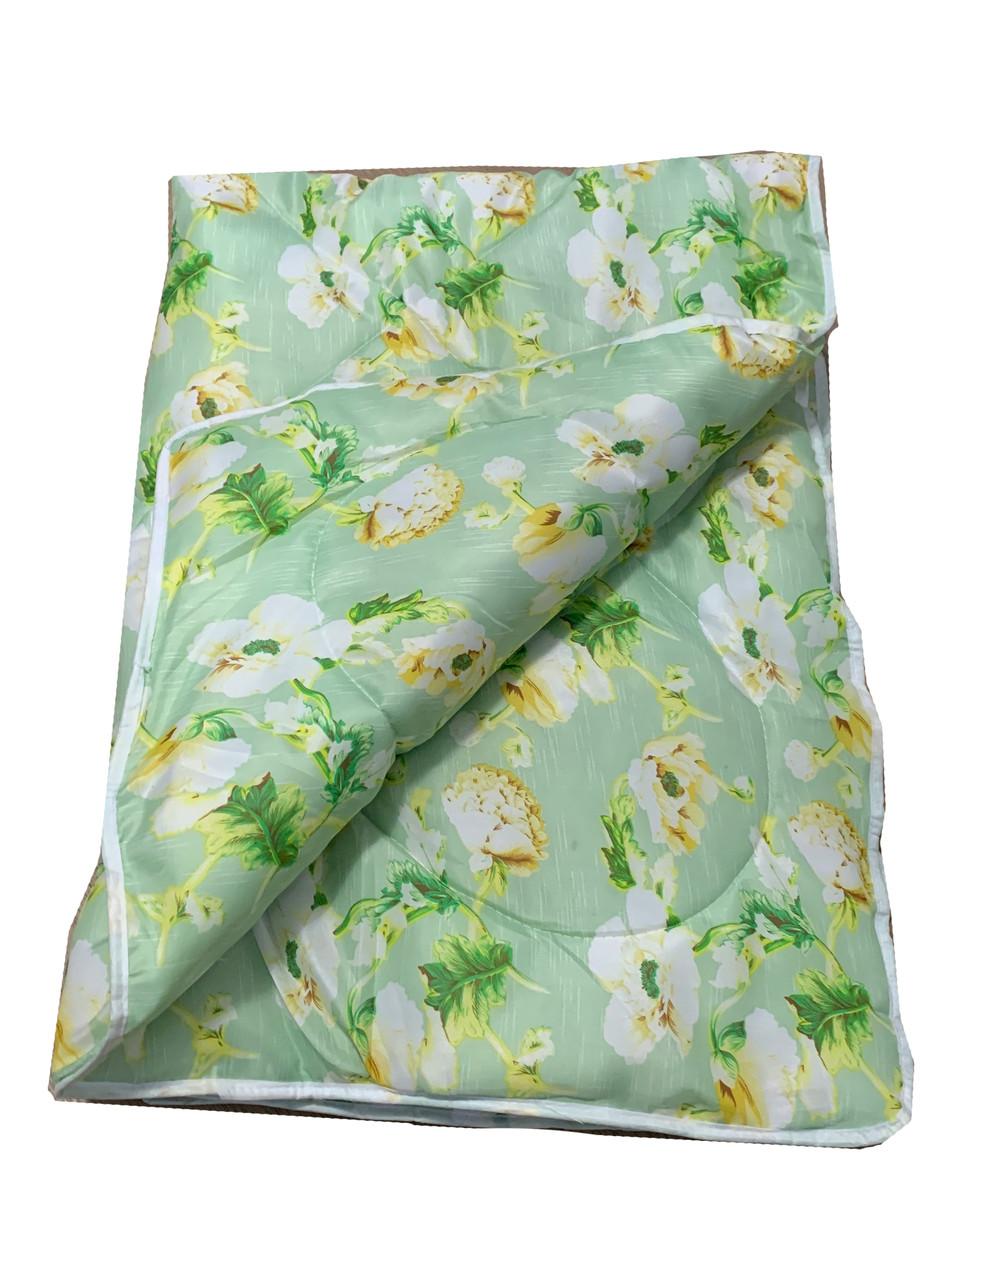 Одеяло салатовое двуспальное, холлофайбер 180*220 см, Украина